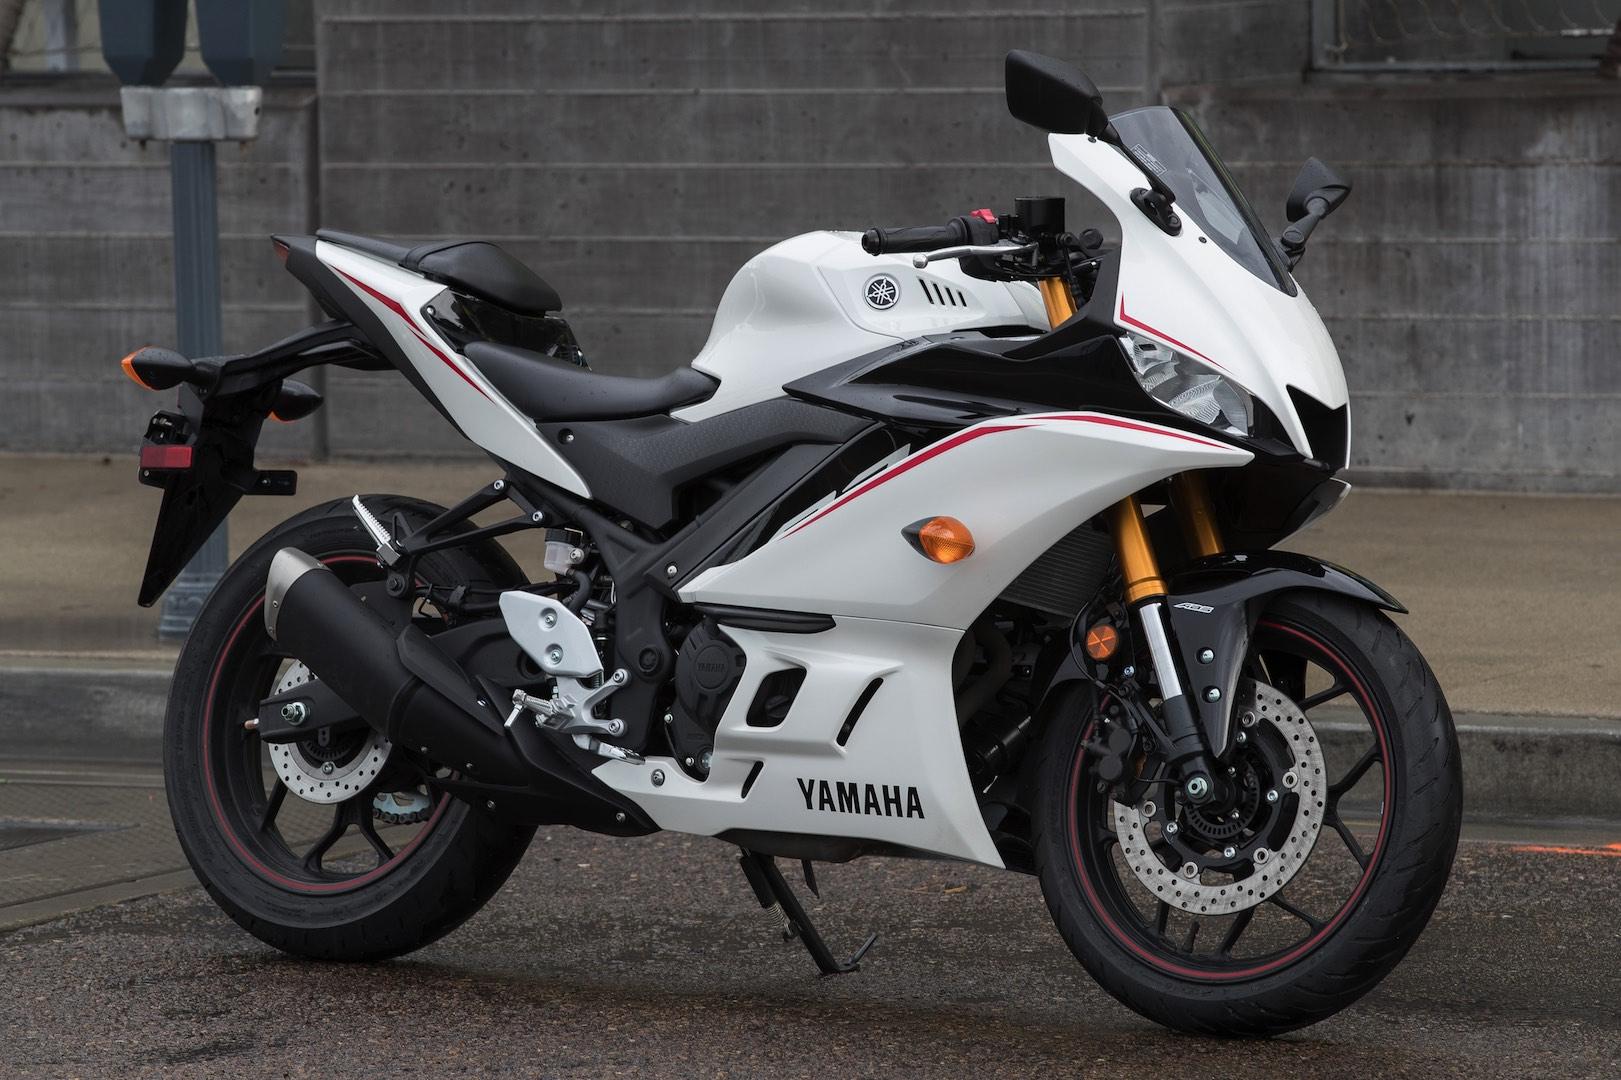 Yamaha YZF-R3 : présentation, fiche technique, prix